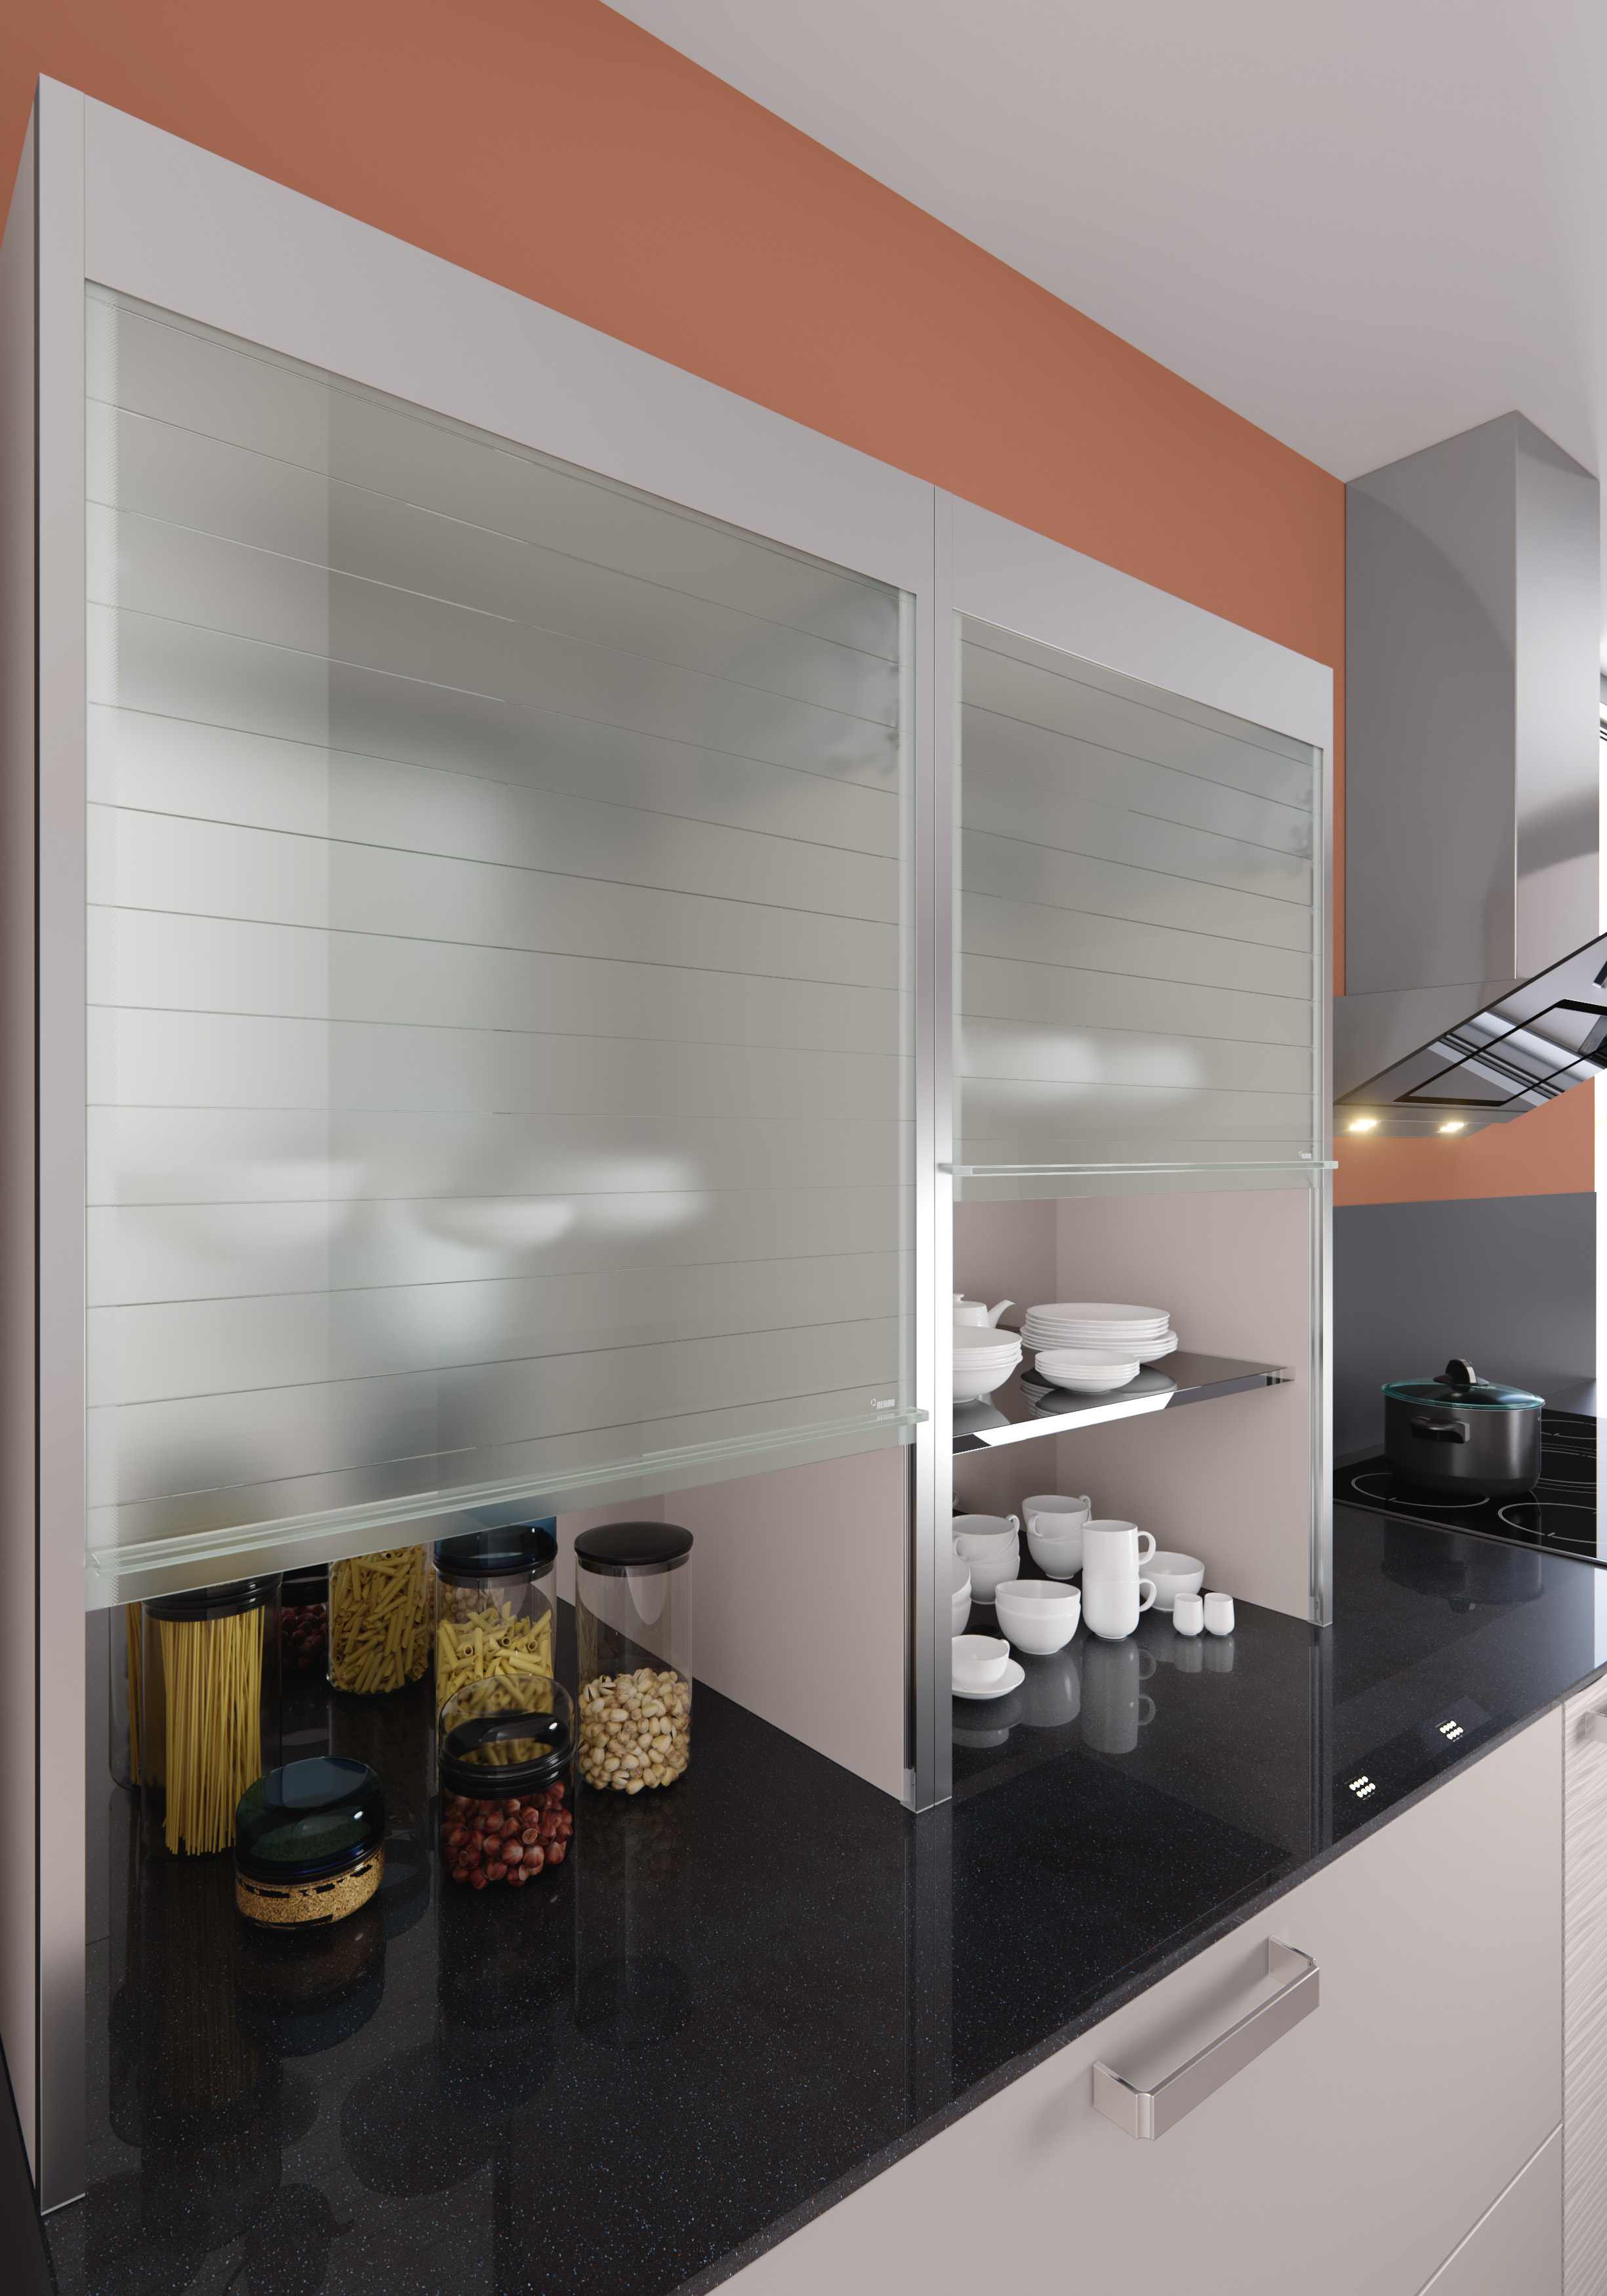 rehau neues glasrollladensystem macht die k che zum. Black Bedroom Furniture Sets. Home Design Ideas